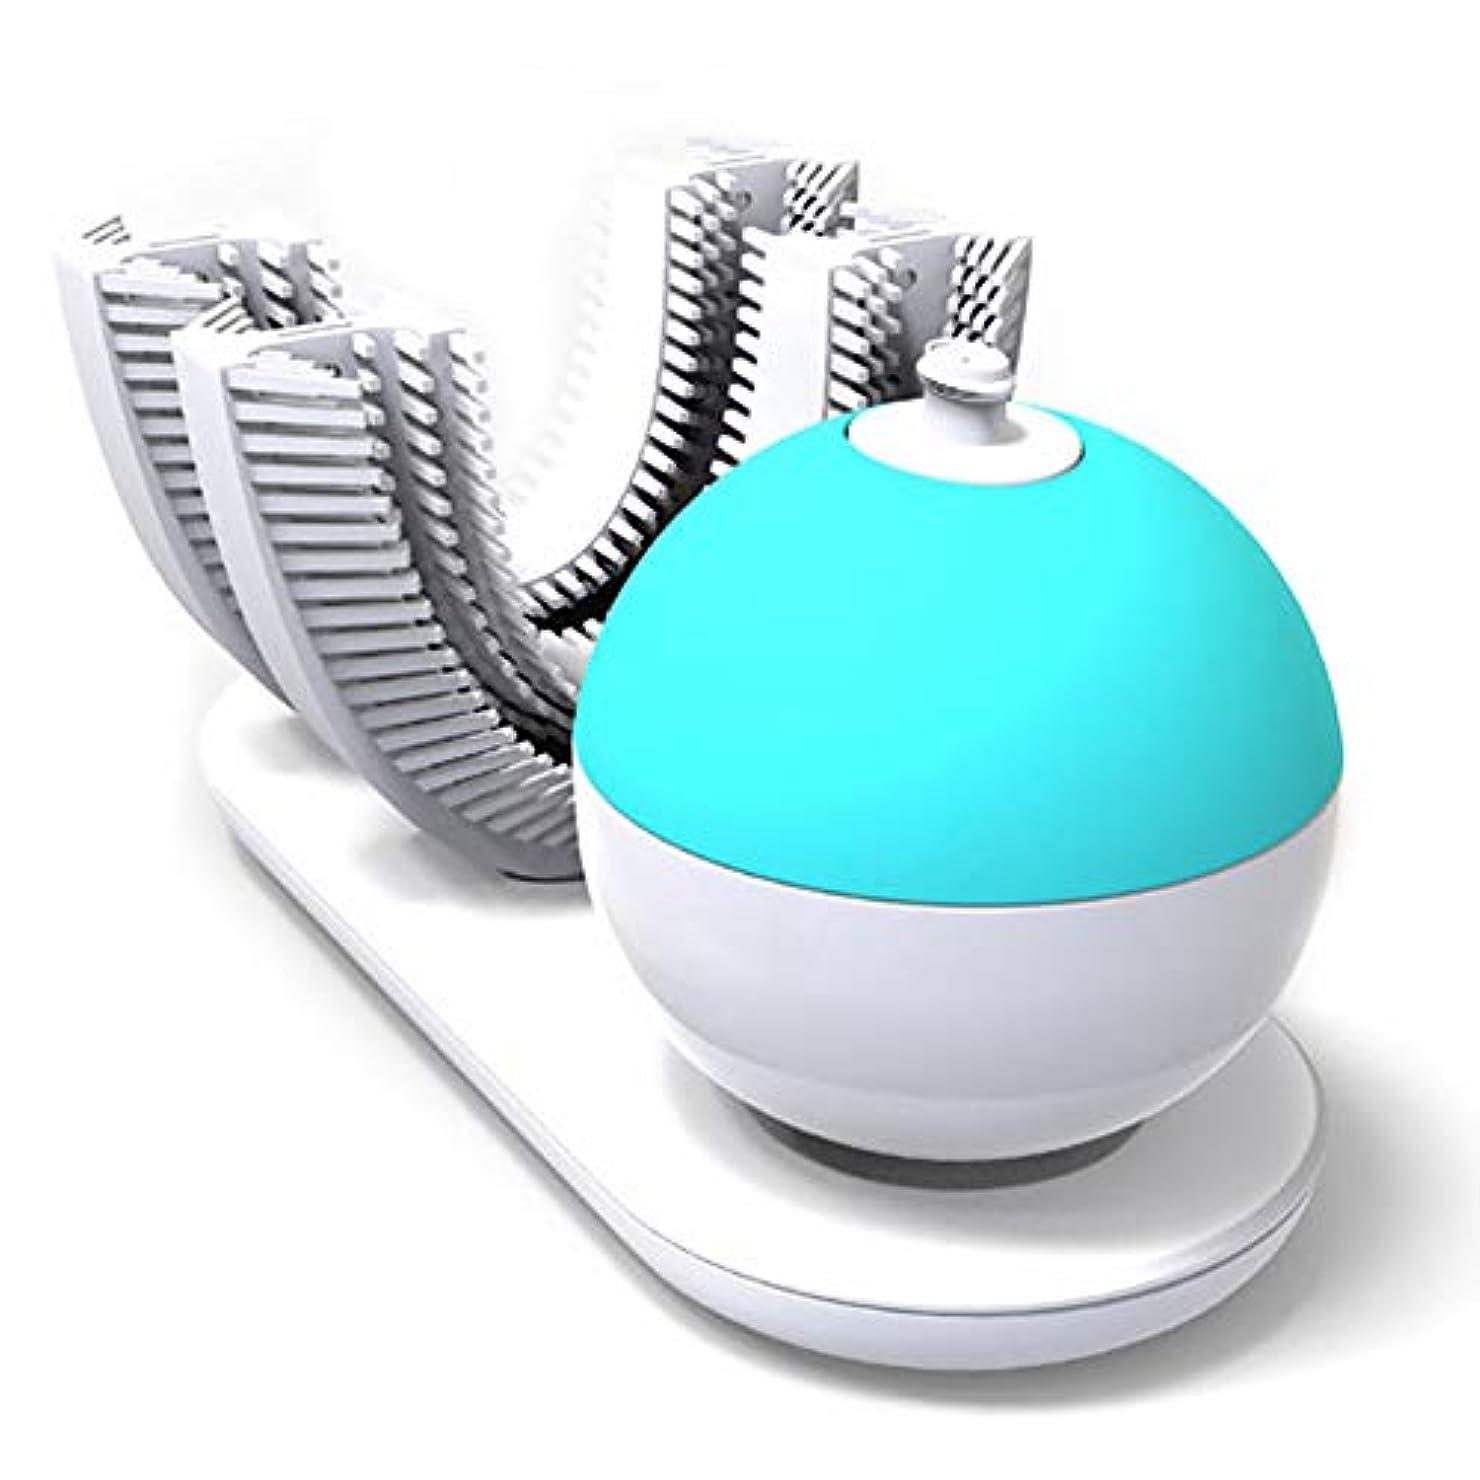 刻む緊張する外出フルオートマチック可変周波数電動歯ブラシ、自動360度U字型電動歯ブラシ、ワイヤレス充電IPX7防水自動歯ブラシ(大人用)